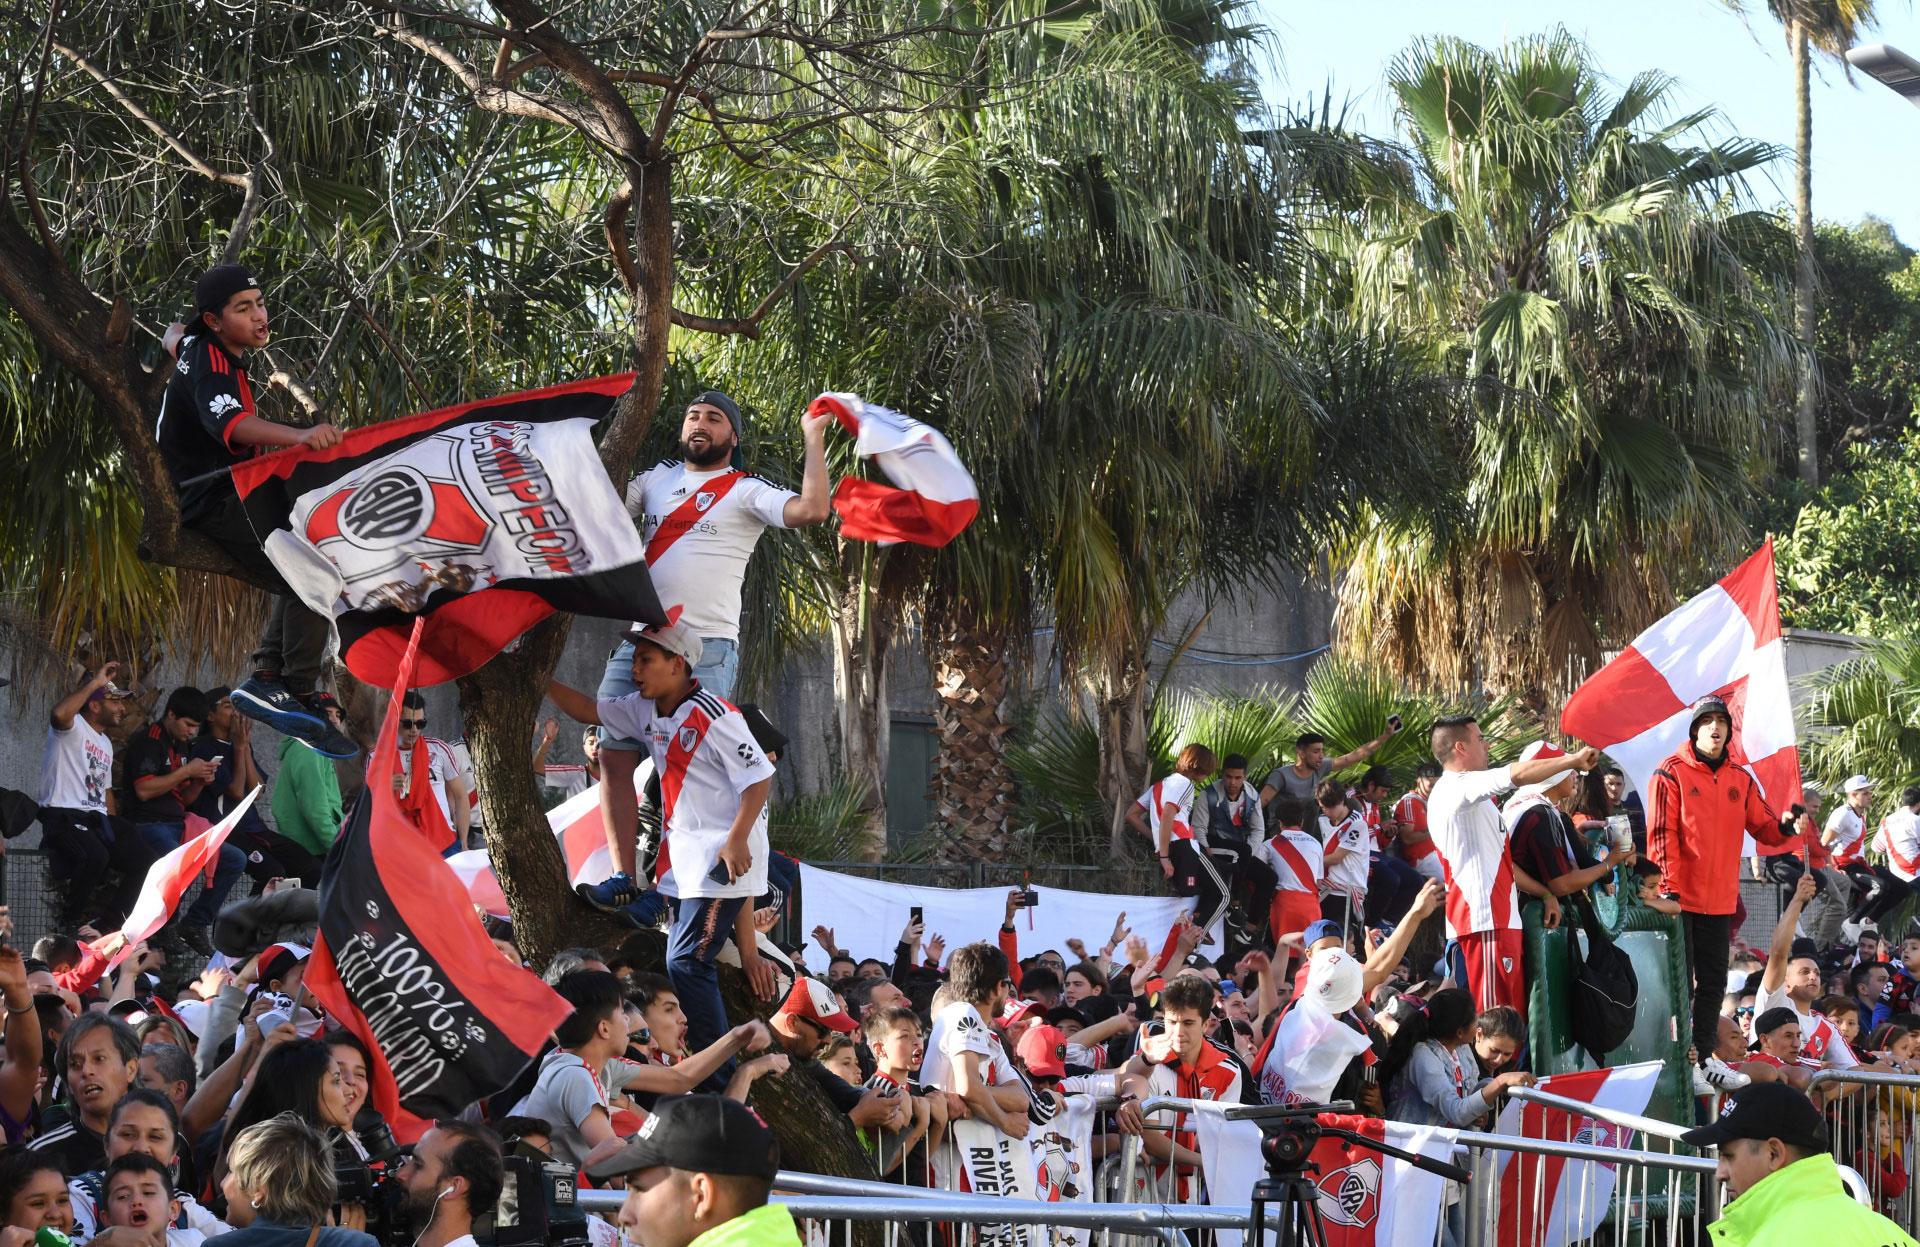 Con la Superfinal ganada en 2018, River quiere conseguir su quinta Copa Libertadores